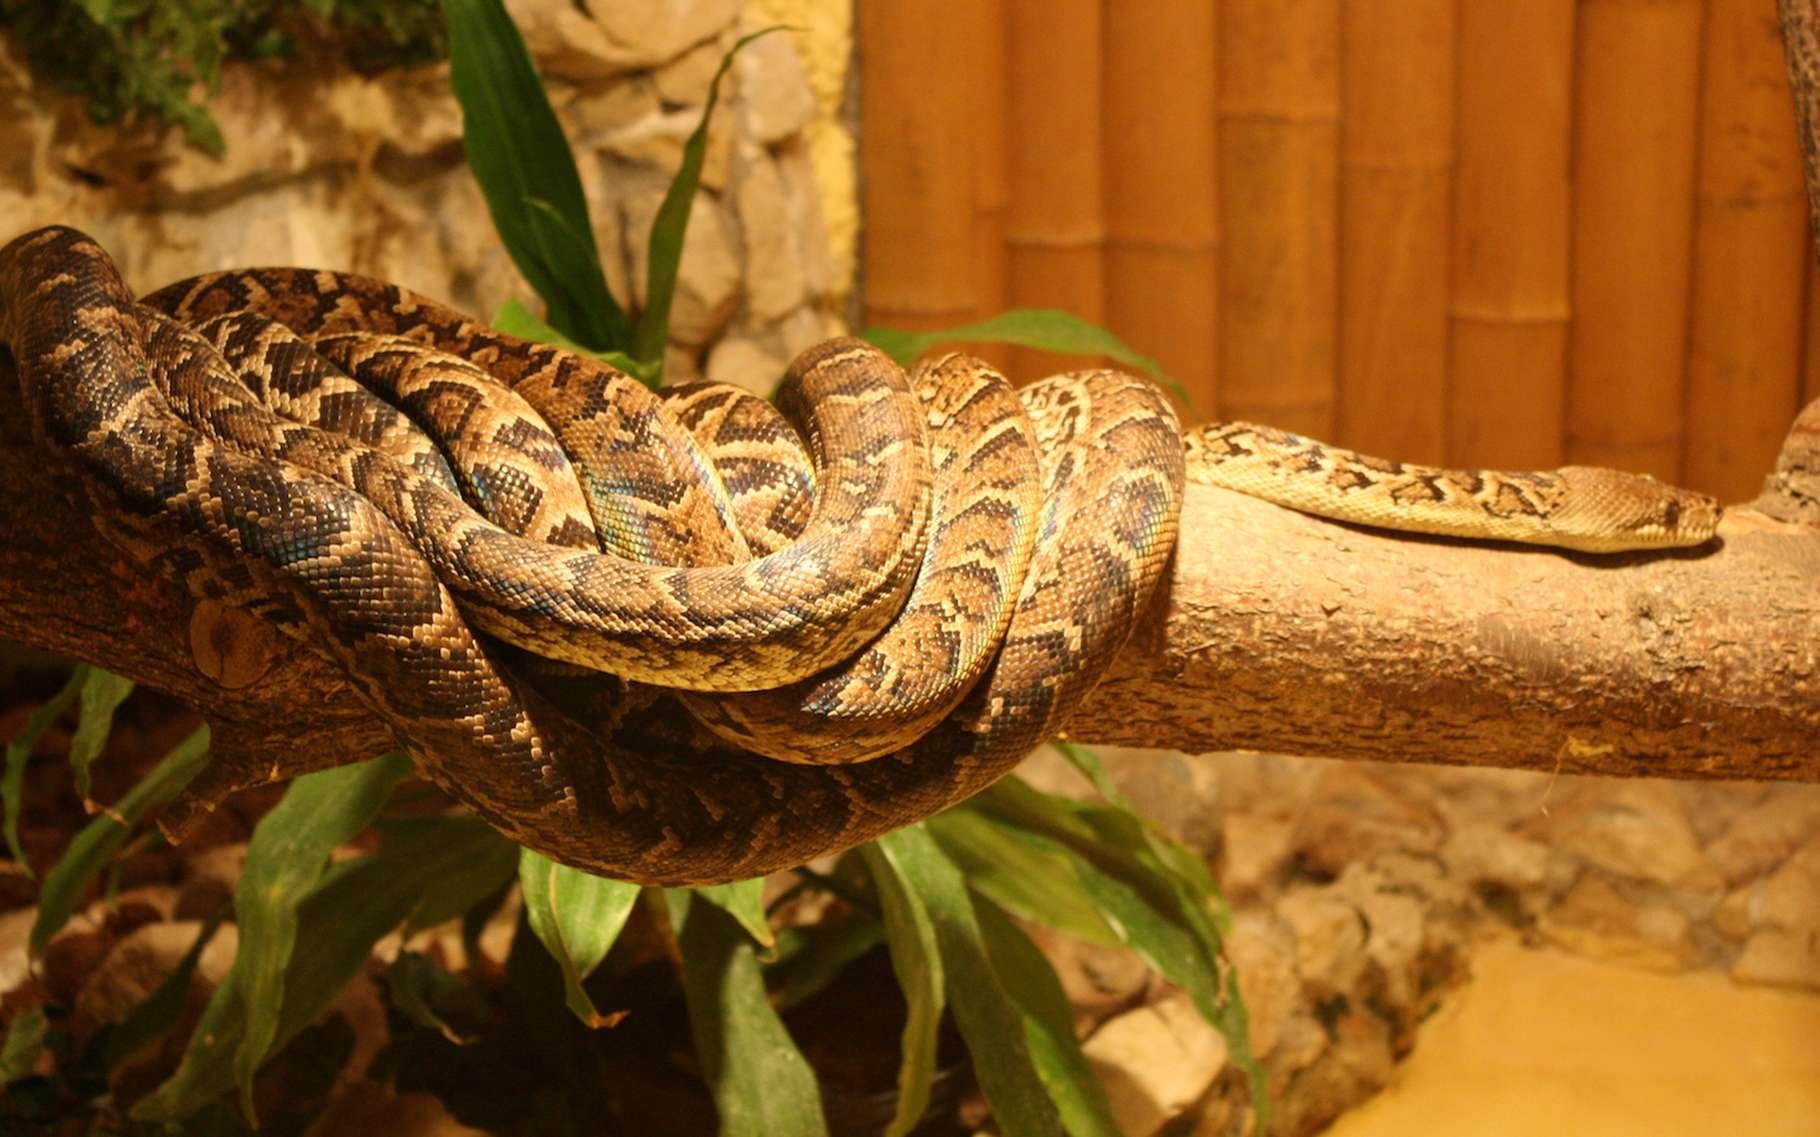 Le boa de Cuba est également appelé Chilabothrus angulifer. Il mesure jusqu'à 4 mètres de long pour un poids pouvant avoisiner les 30 kg. Selon une étude américaine, il aurait mis en place une technique de chasse basée sur la coordination des positions des «membres d'un groupe». © Bardrock, Wikipedia, Domaine public